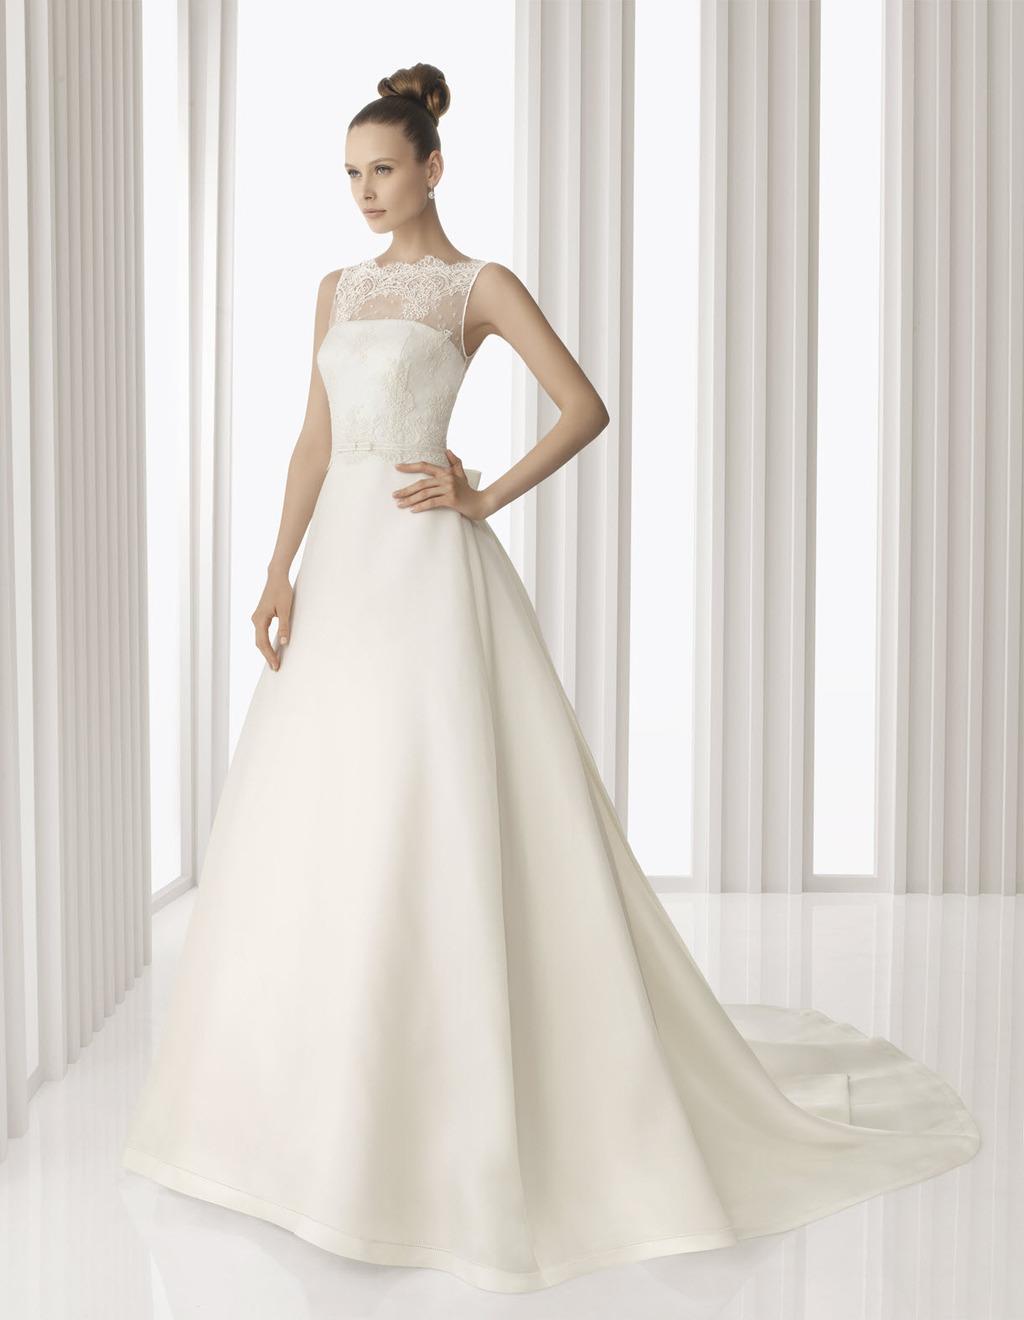 Amigo-spring-2012-wedding-dress-rosa-clara-bridal-gowns-a-line-lace-embellished-neckline.full